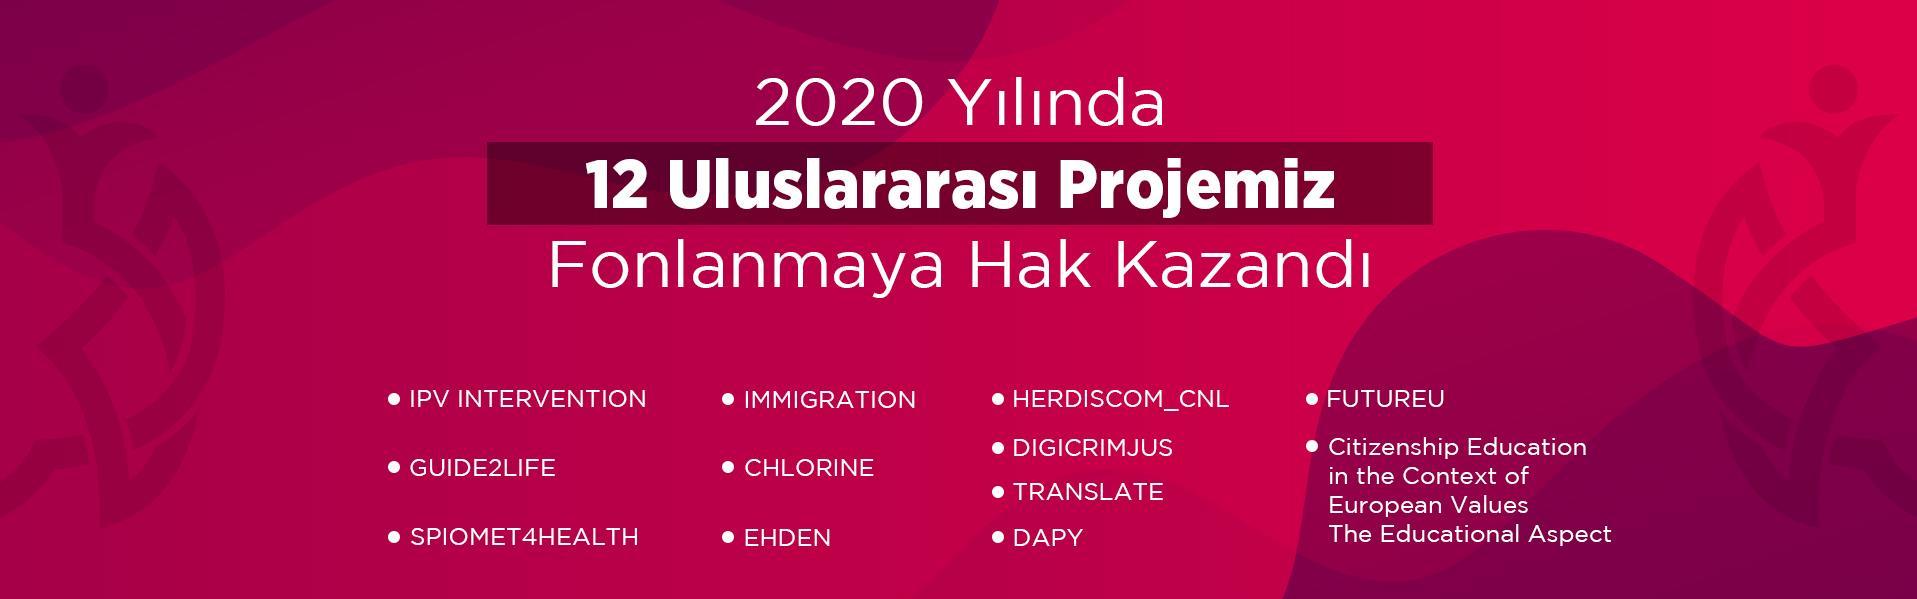 proje başarı 2020